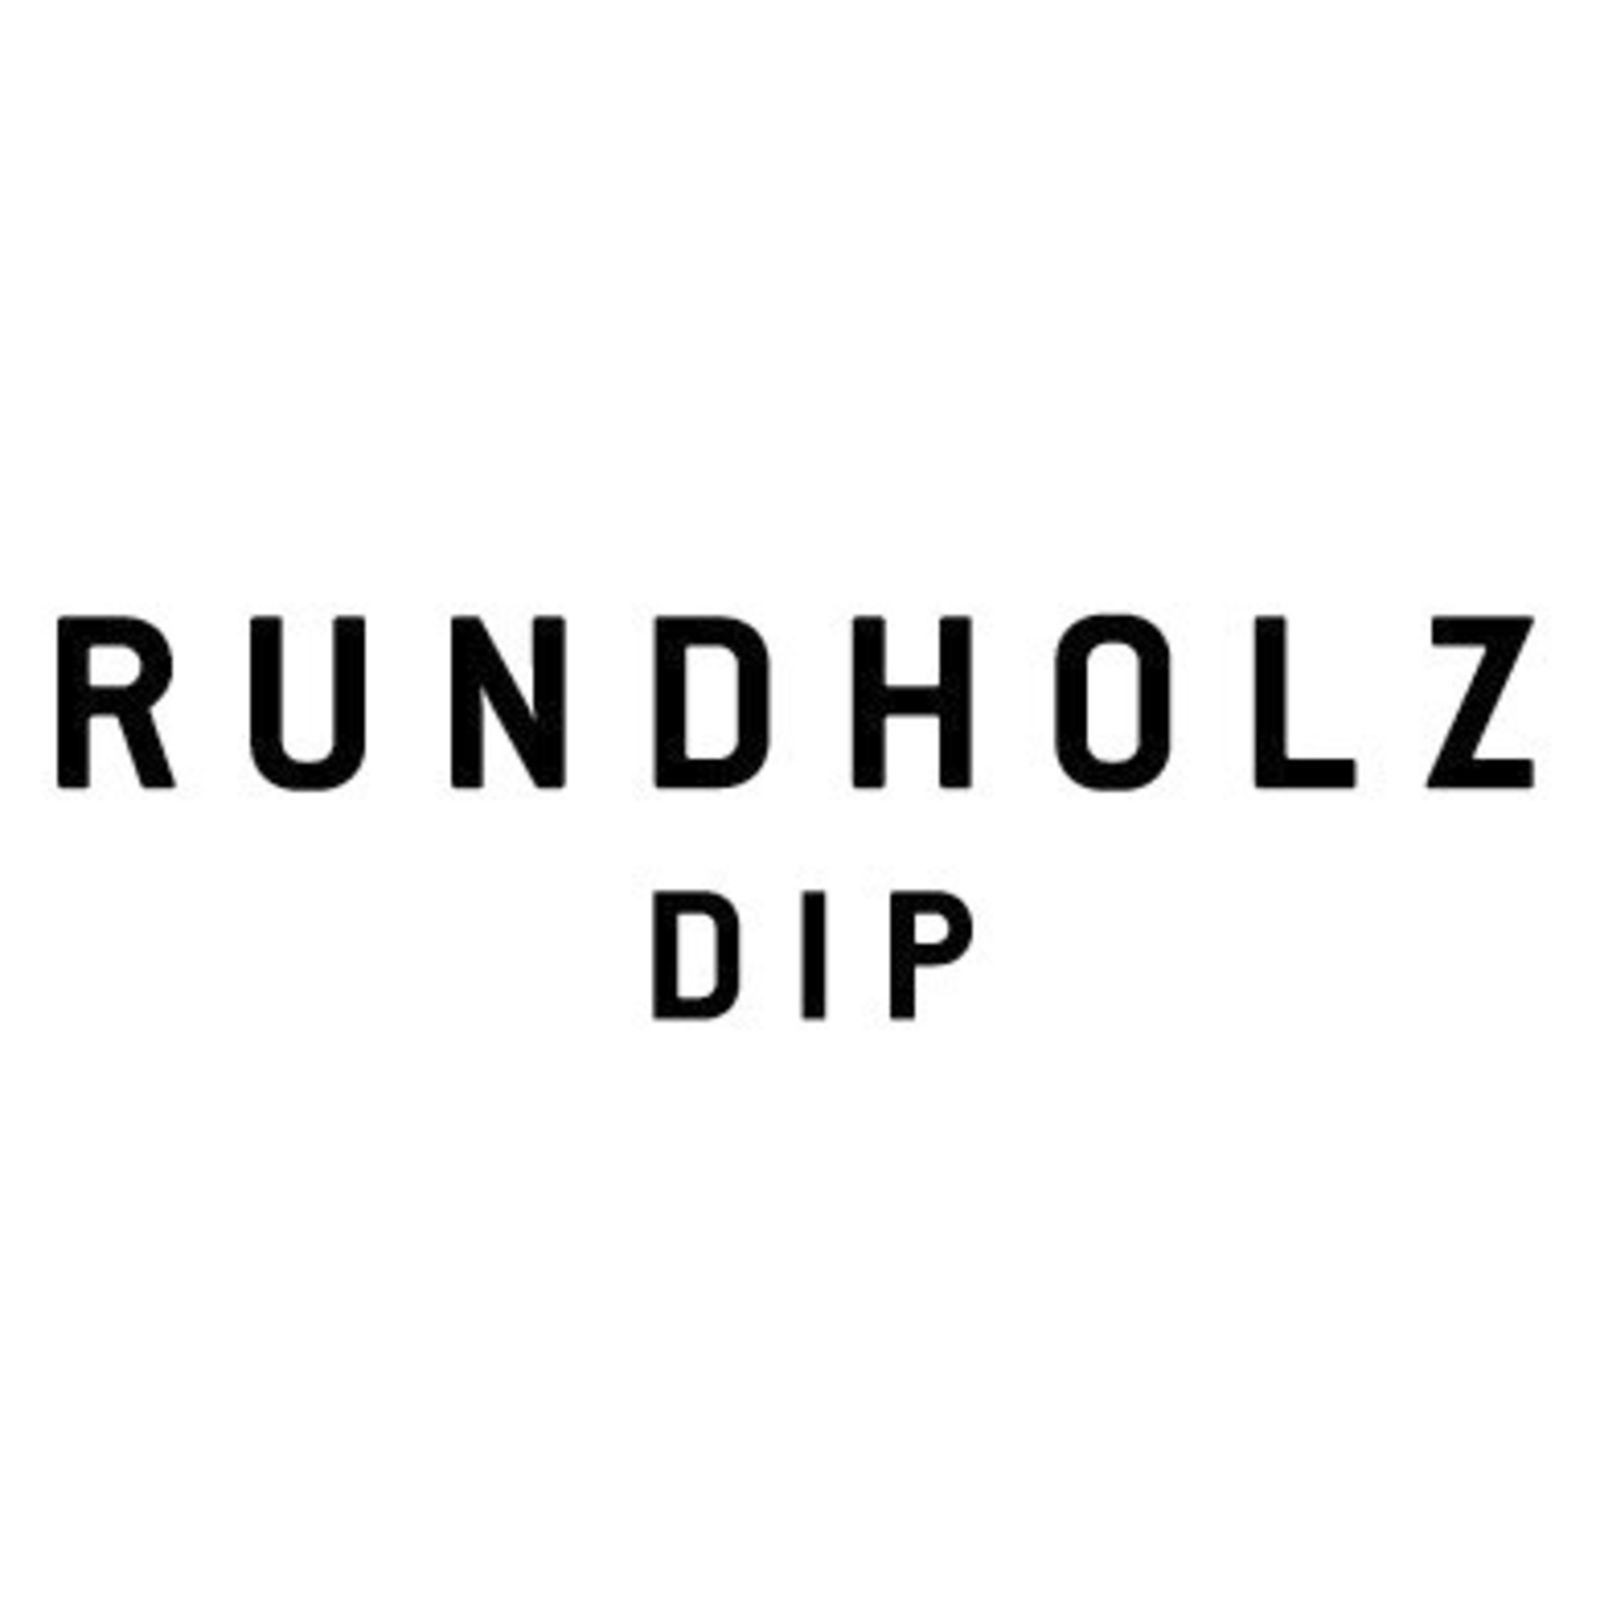 rundholz dip